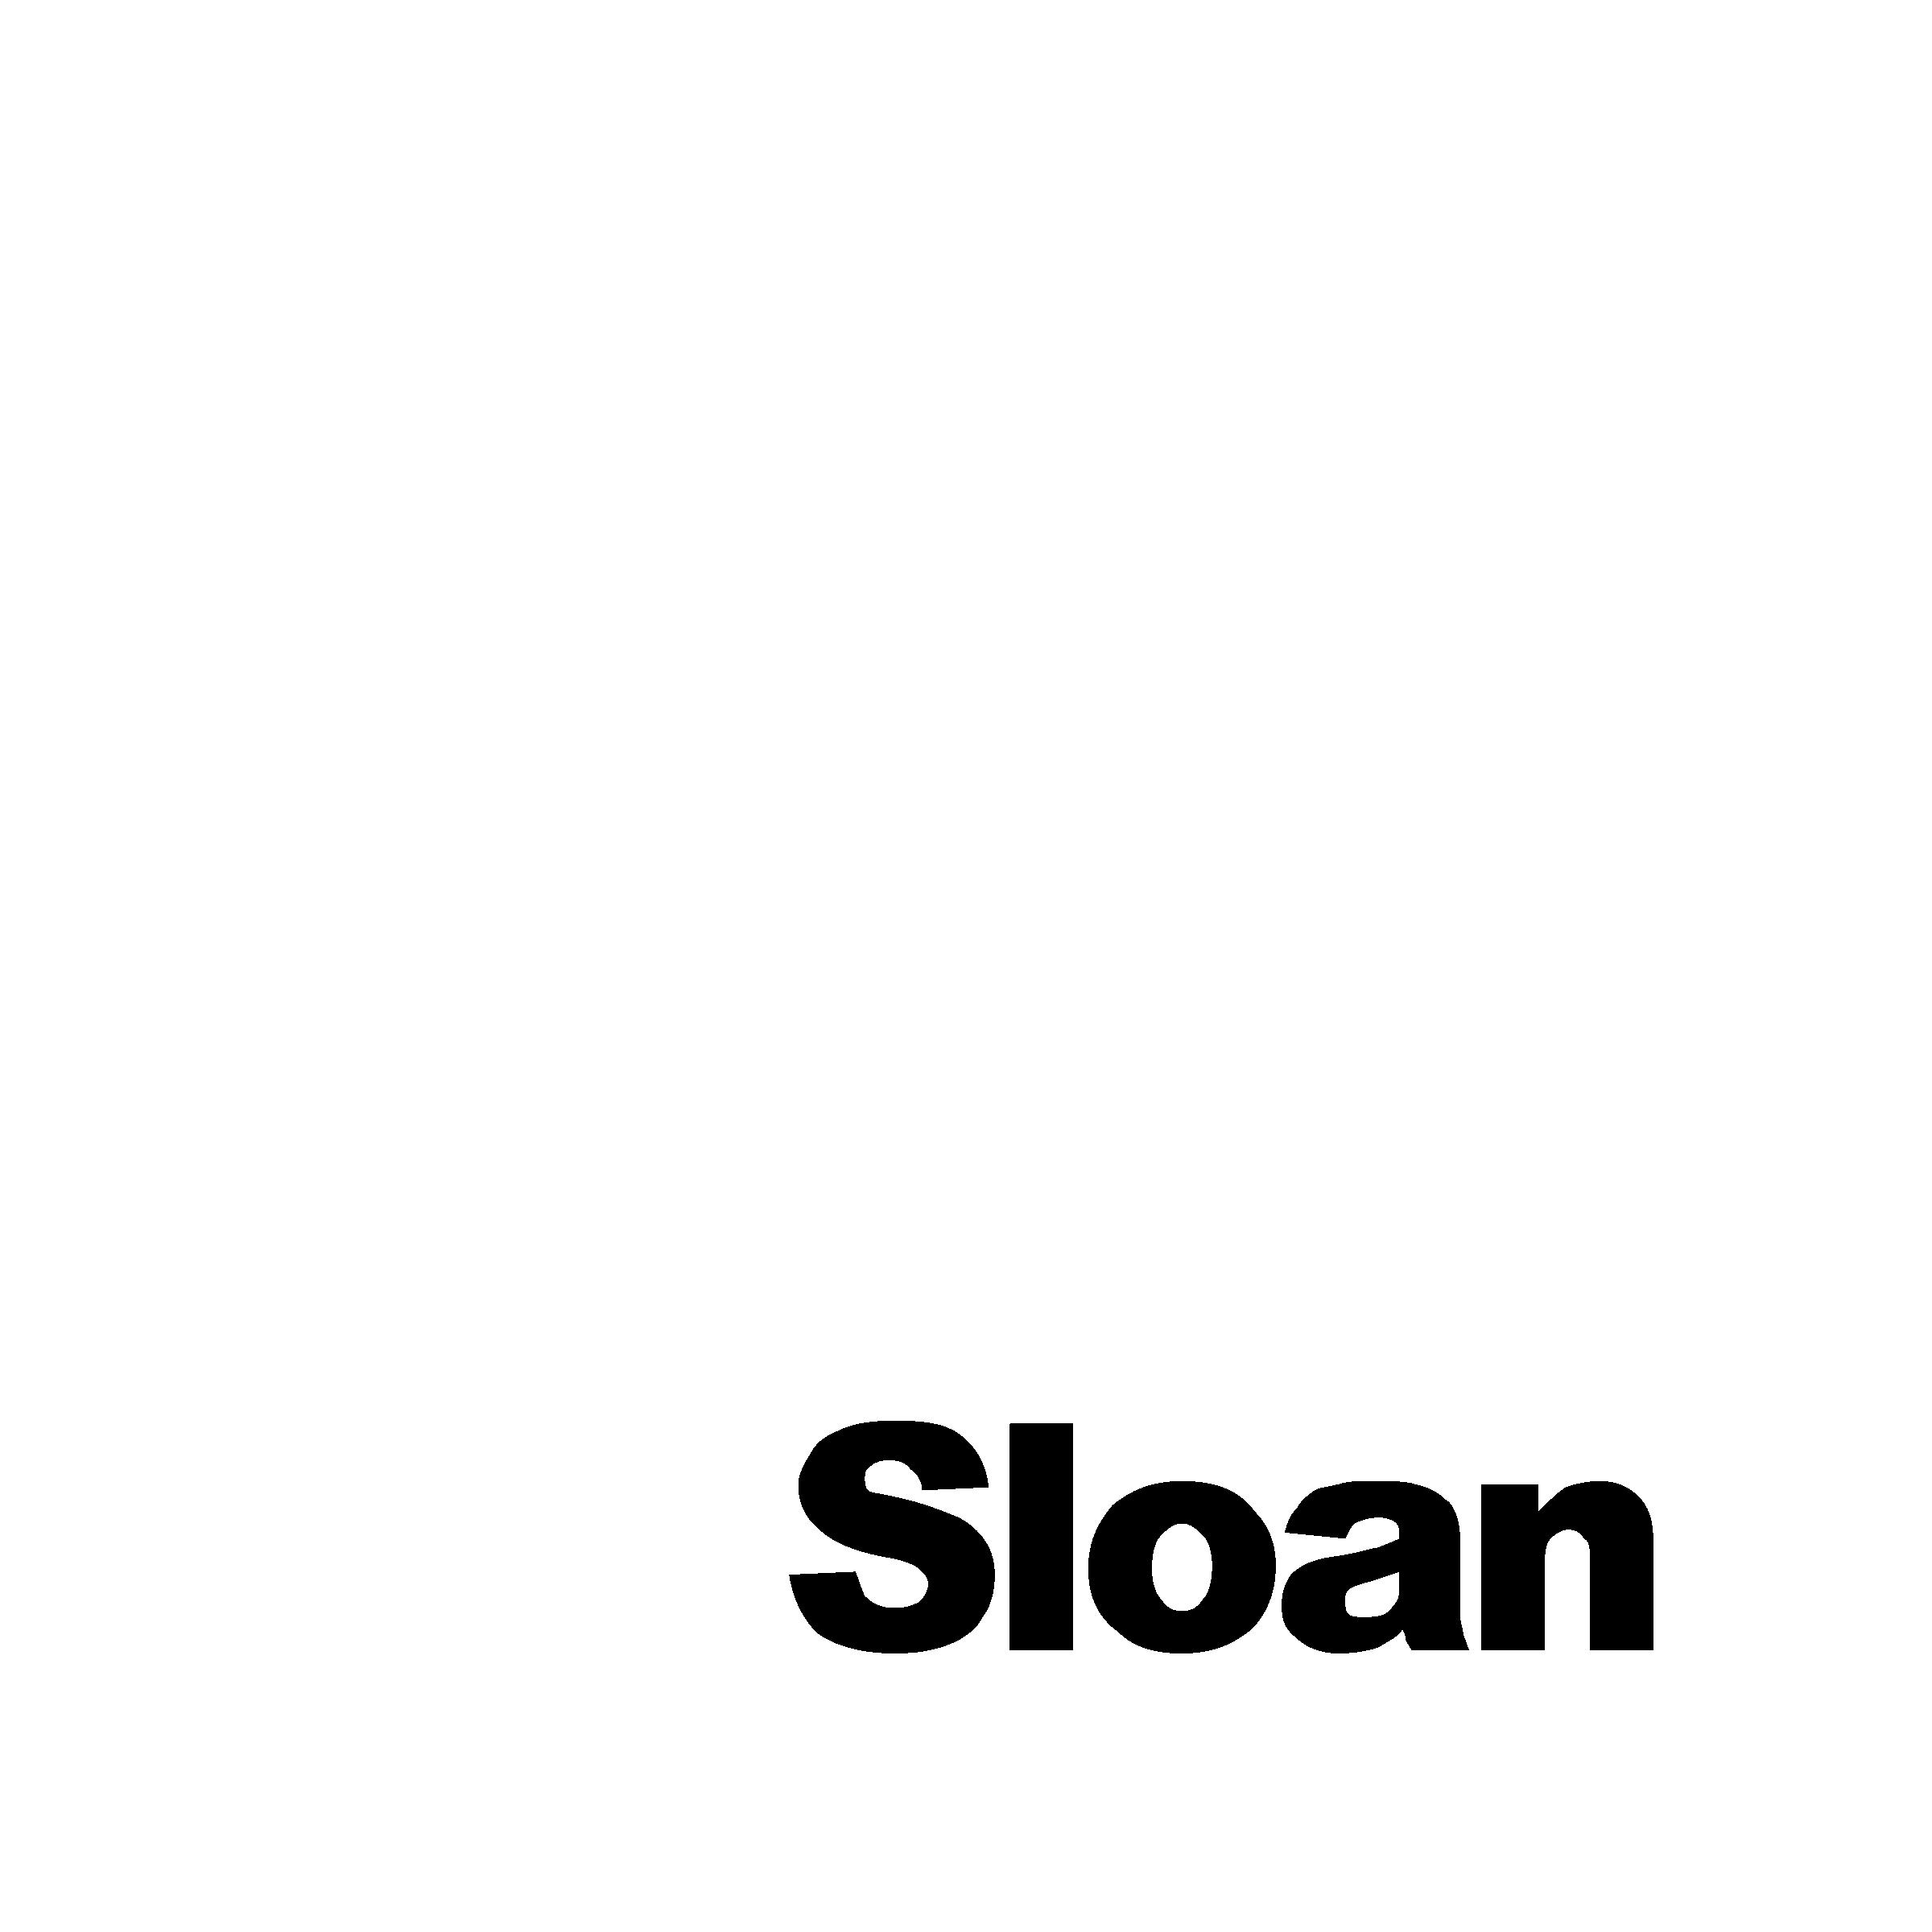 MIT Sloan Logo PNG Transparent & SVG Vector.